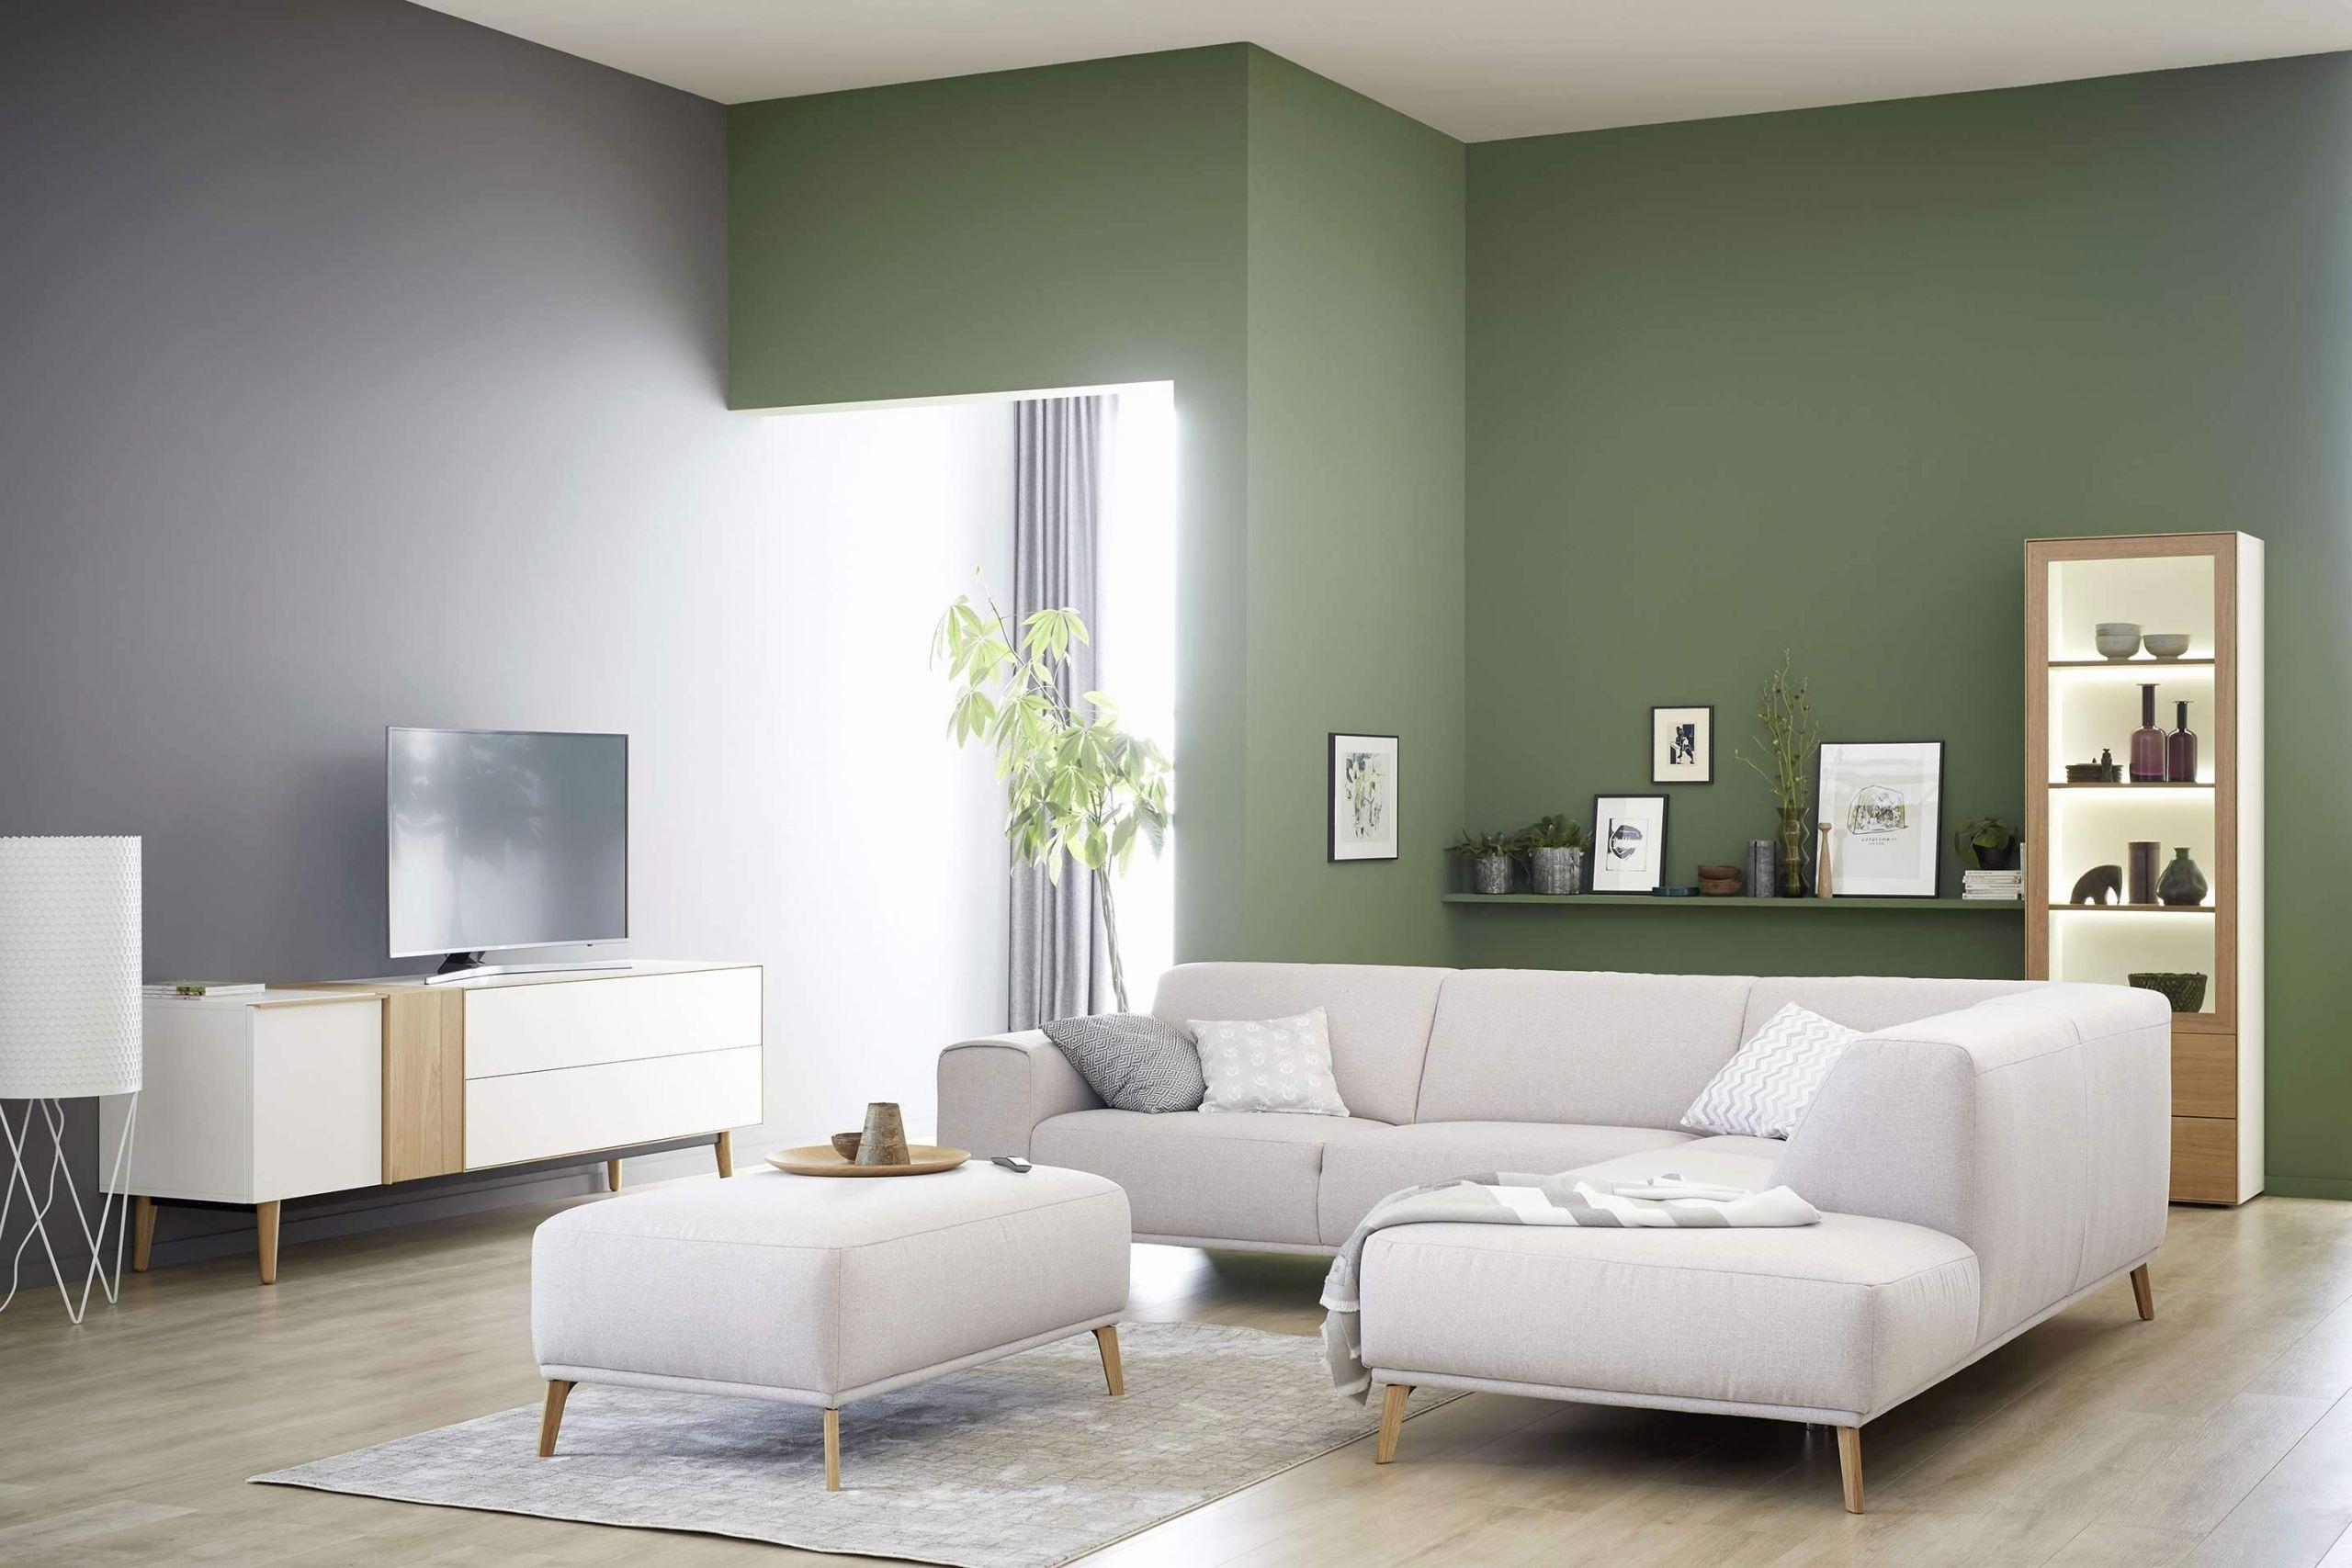 Full Size of Designheizkrper Wohnzimmer Das Beste Von Wandheizkrper Design Wohnzimmer Wandheizkörper